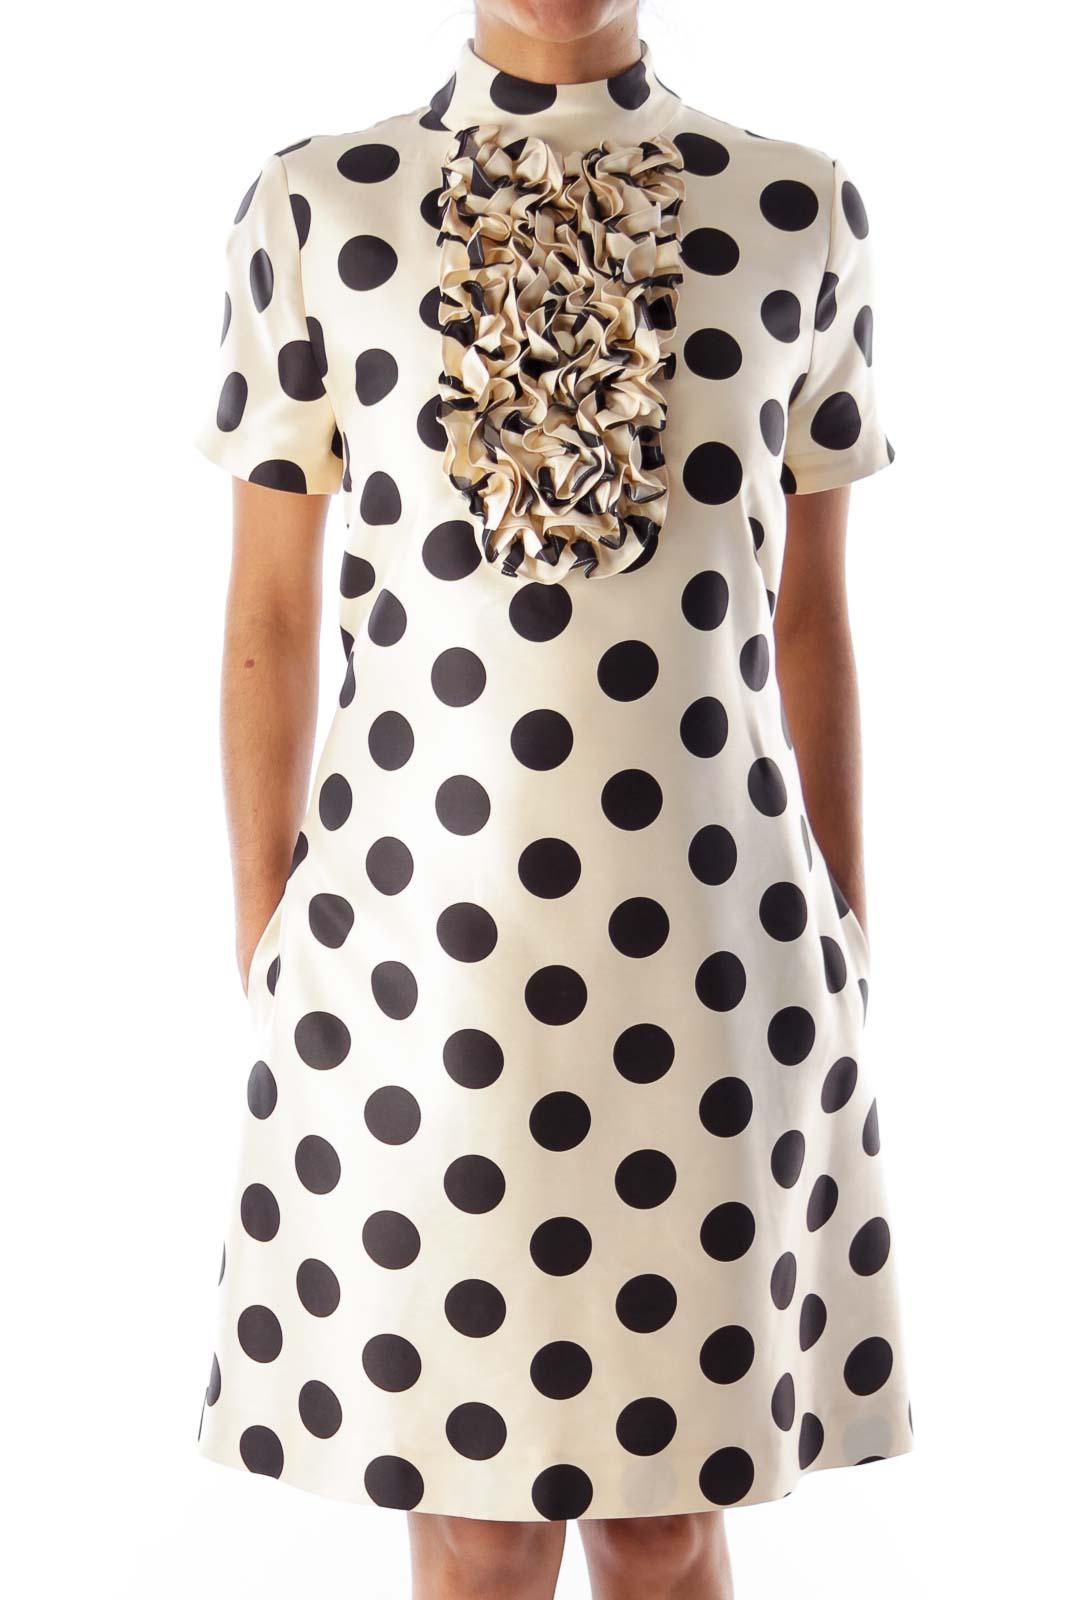 Beige Polka Dot Shift Dress [8] - SilkRoll